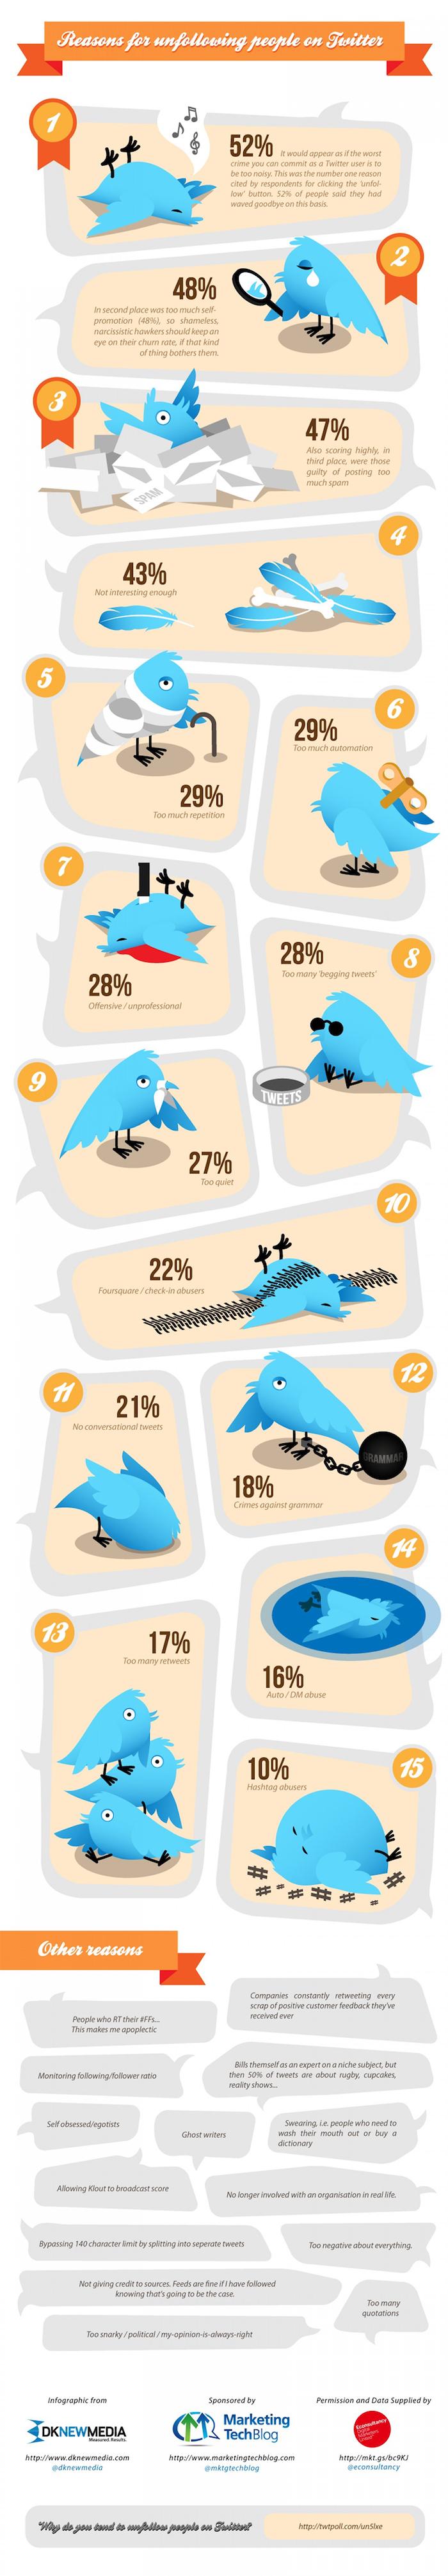 infographie sur les causes de désabonnement sur Twitter